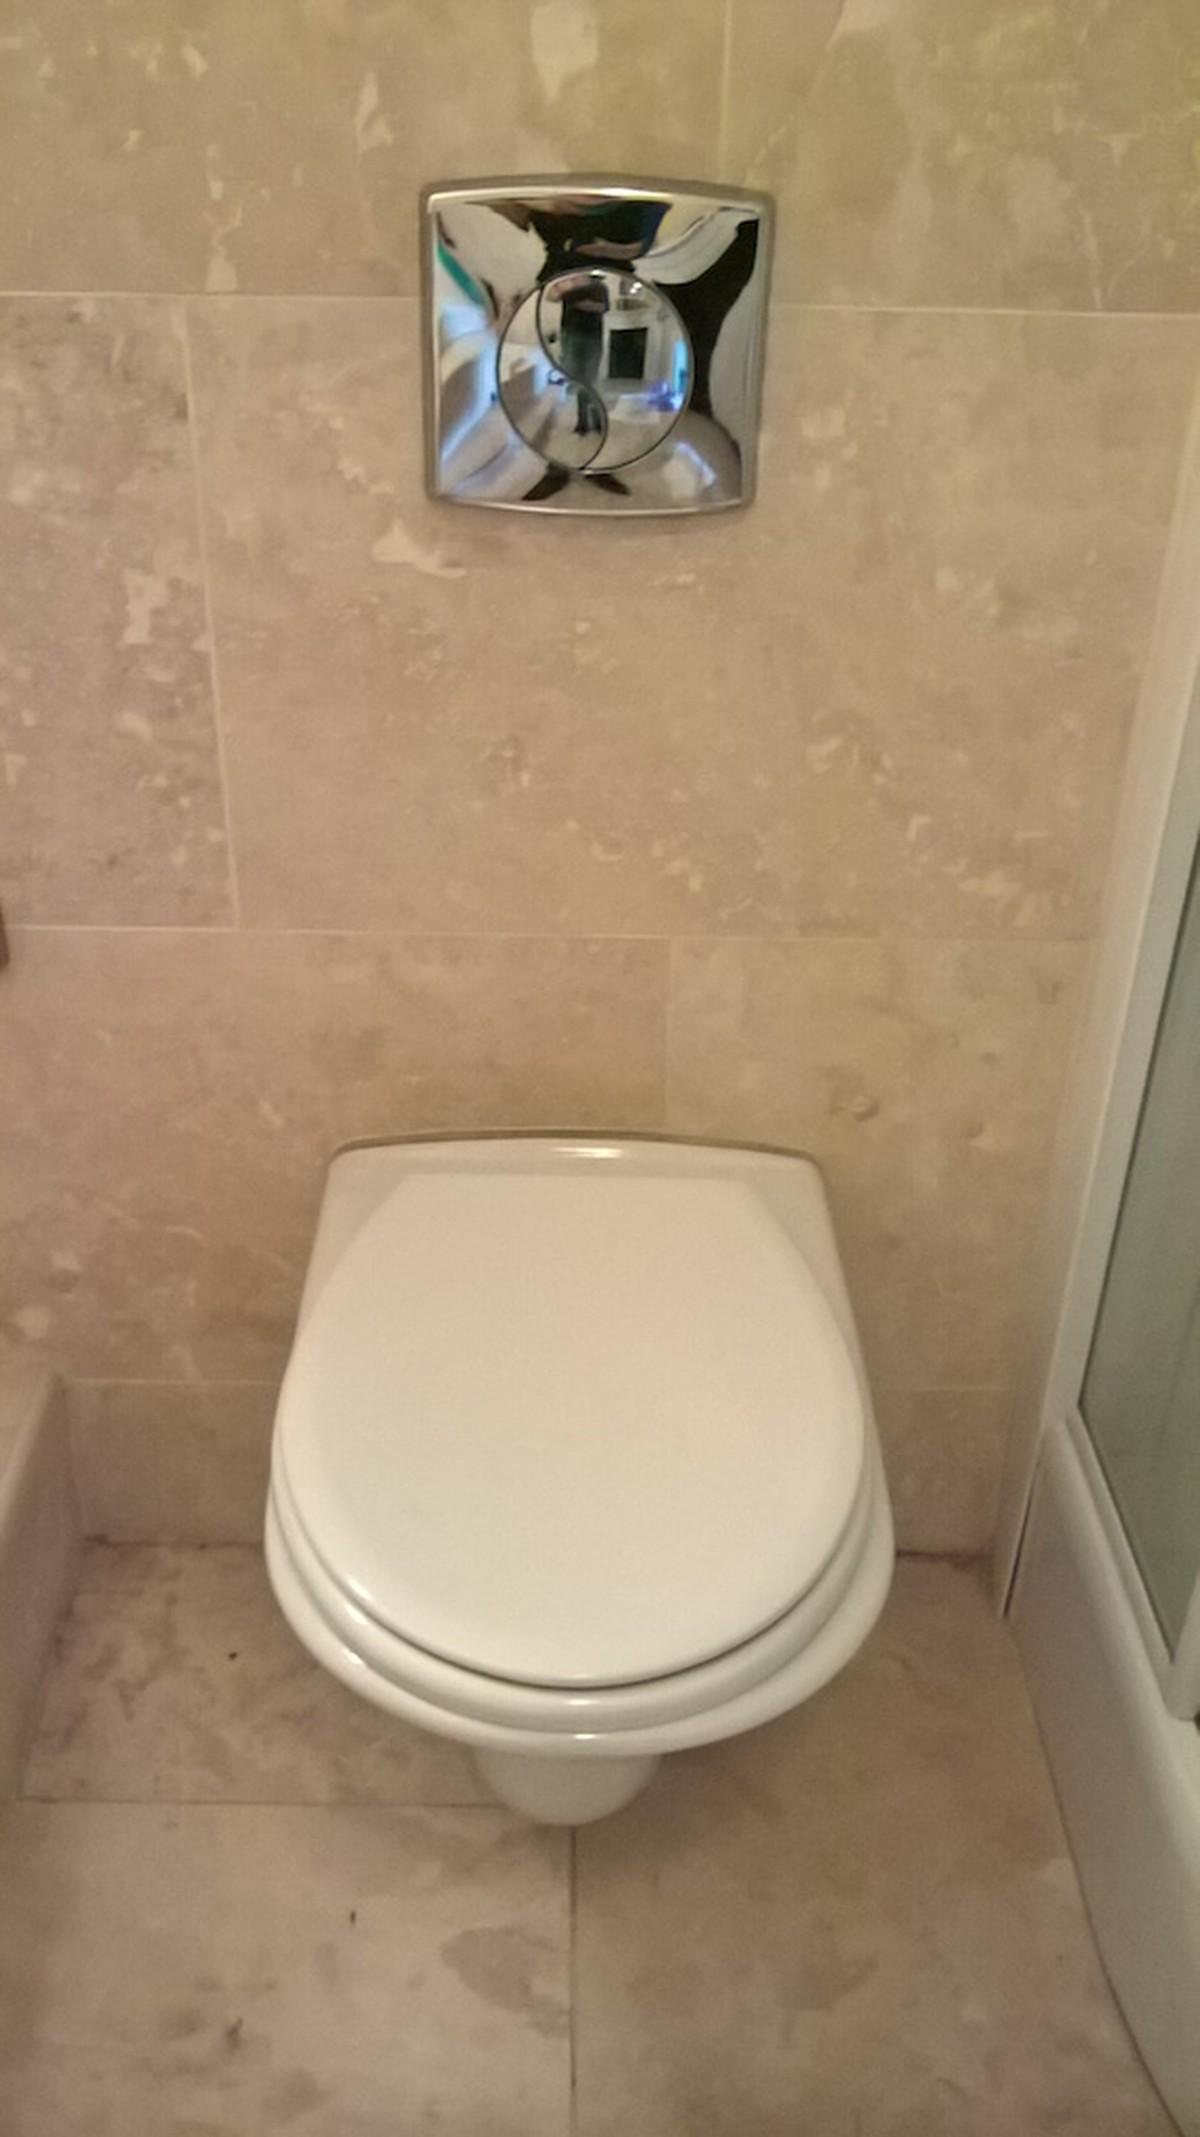 complete bathroom set nice look | a1houston